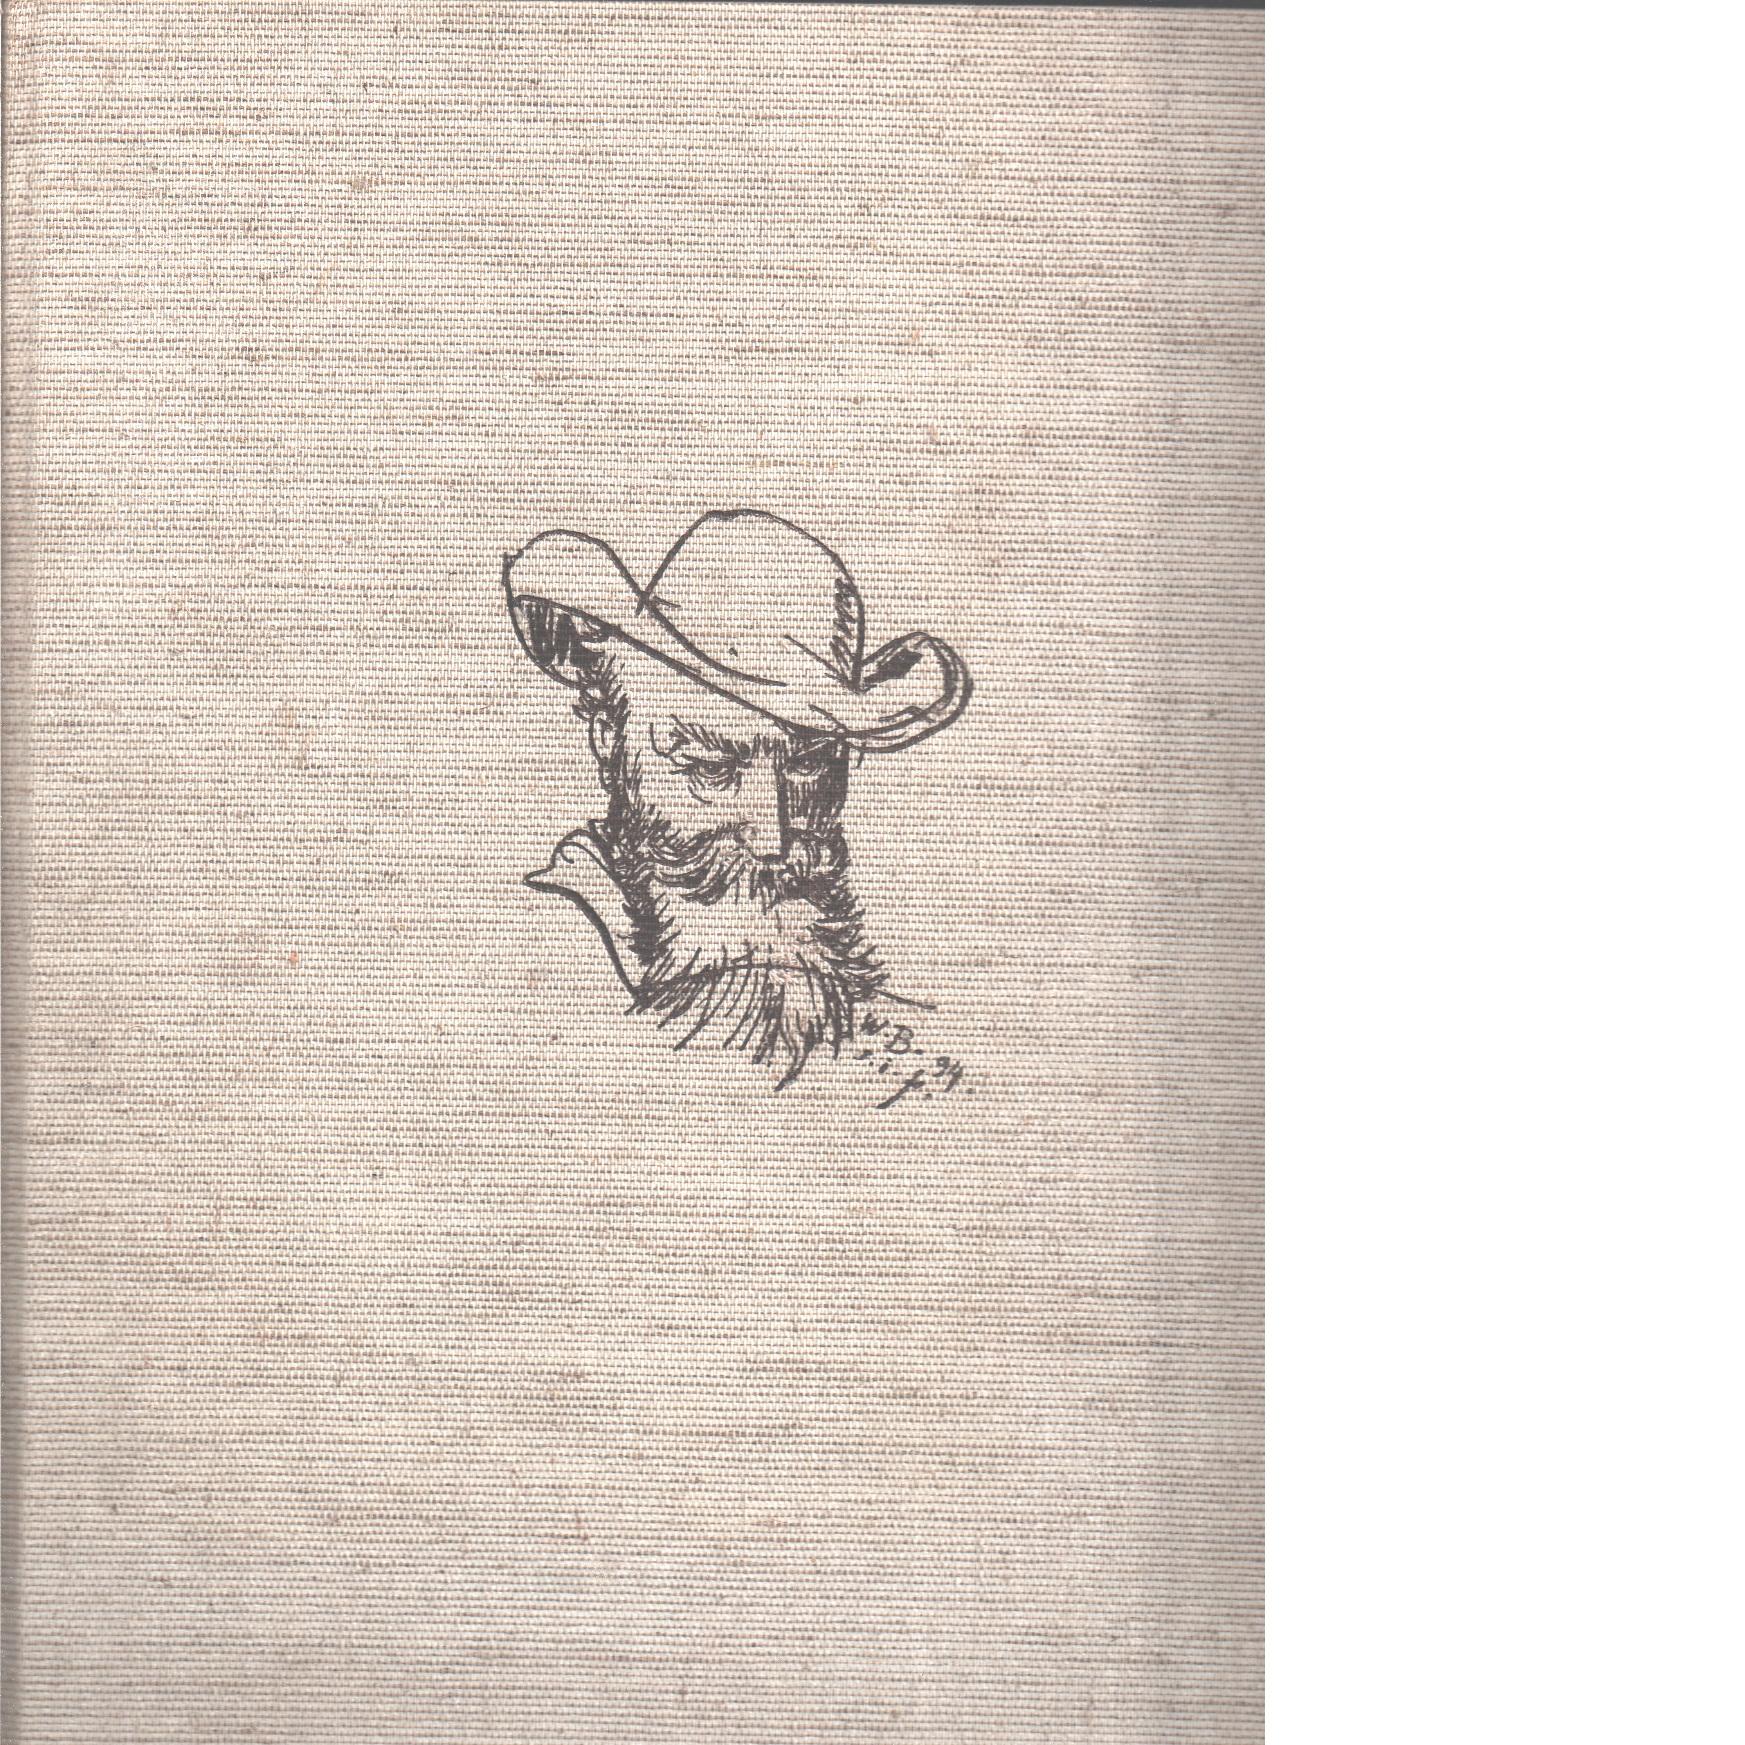 Neues Wilhelm Busch album. - Busch, Wilhelm